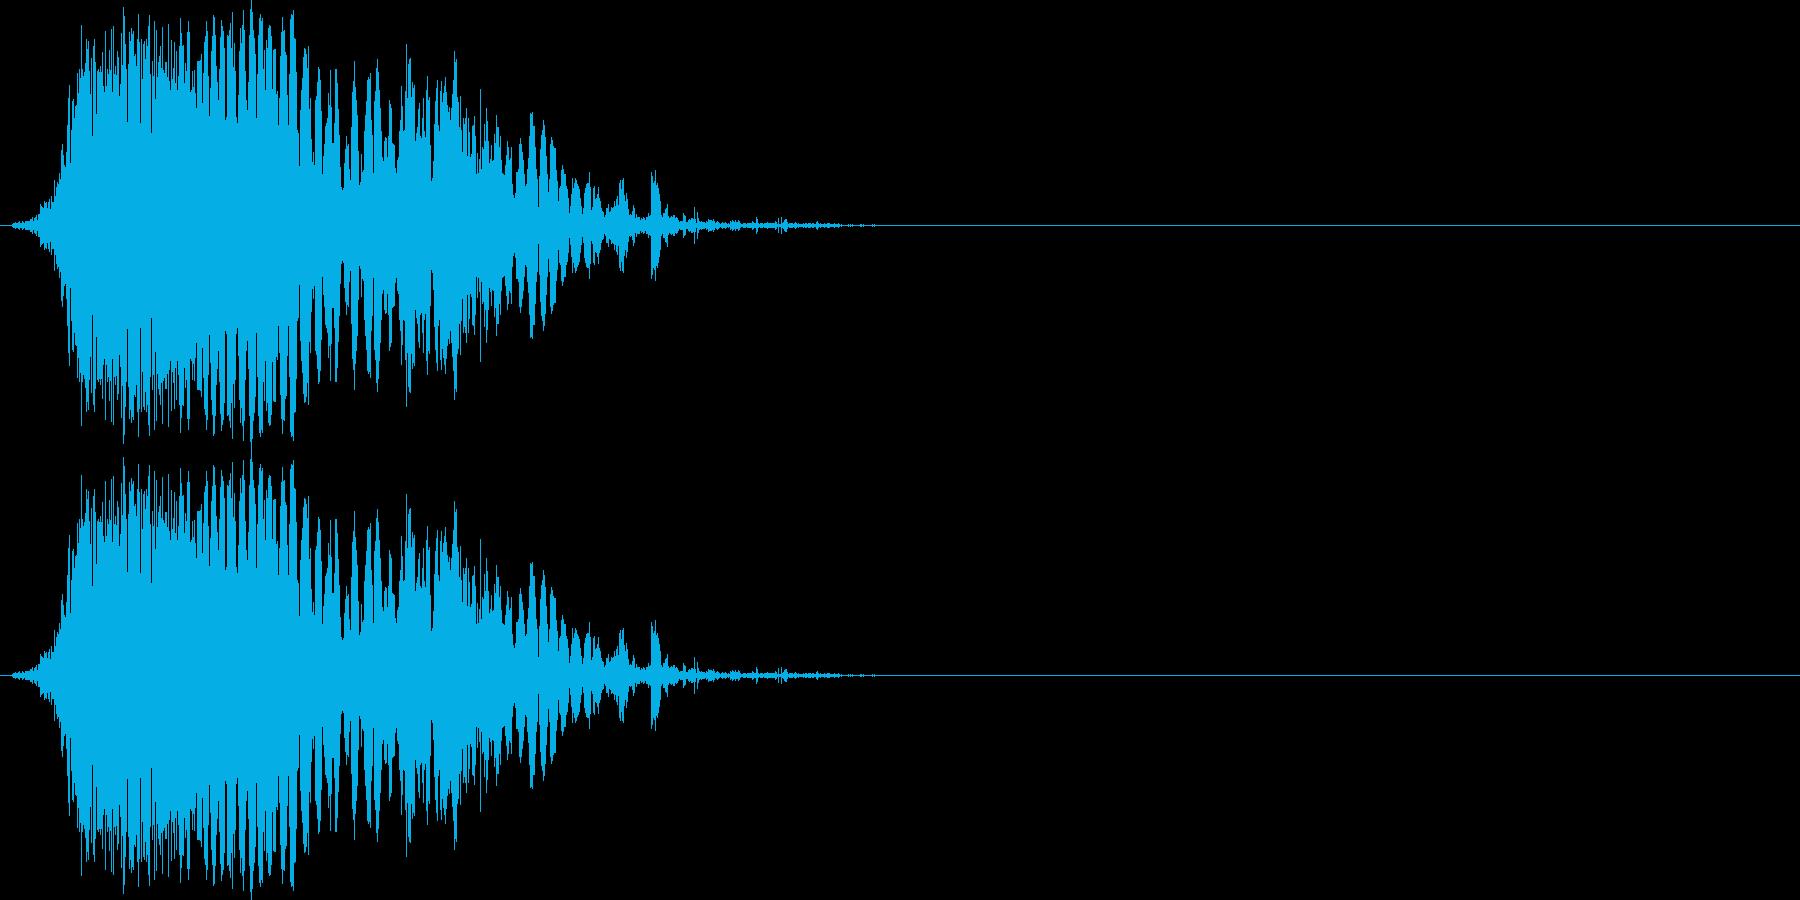 斬撃音(刀や剣で斬る/刺す効果音)10bの再生済みの波形